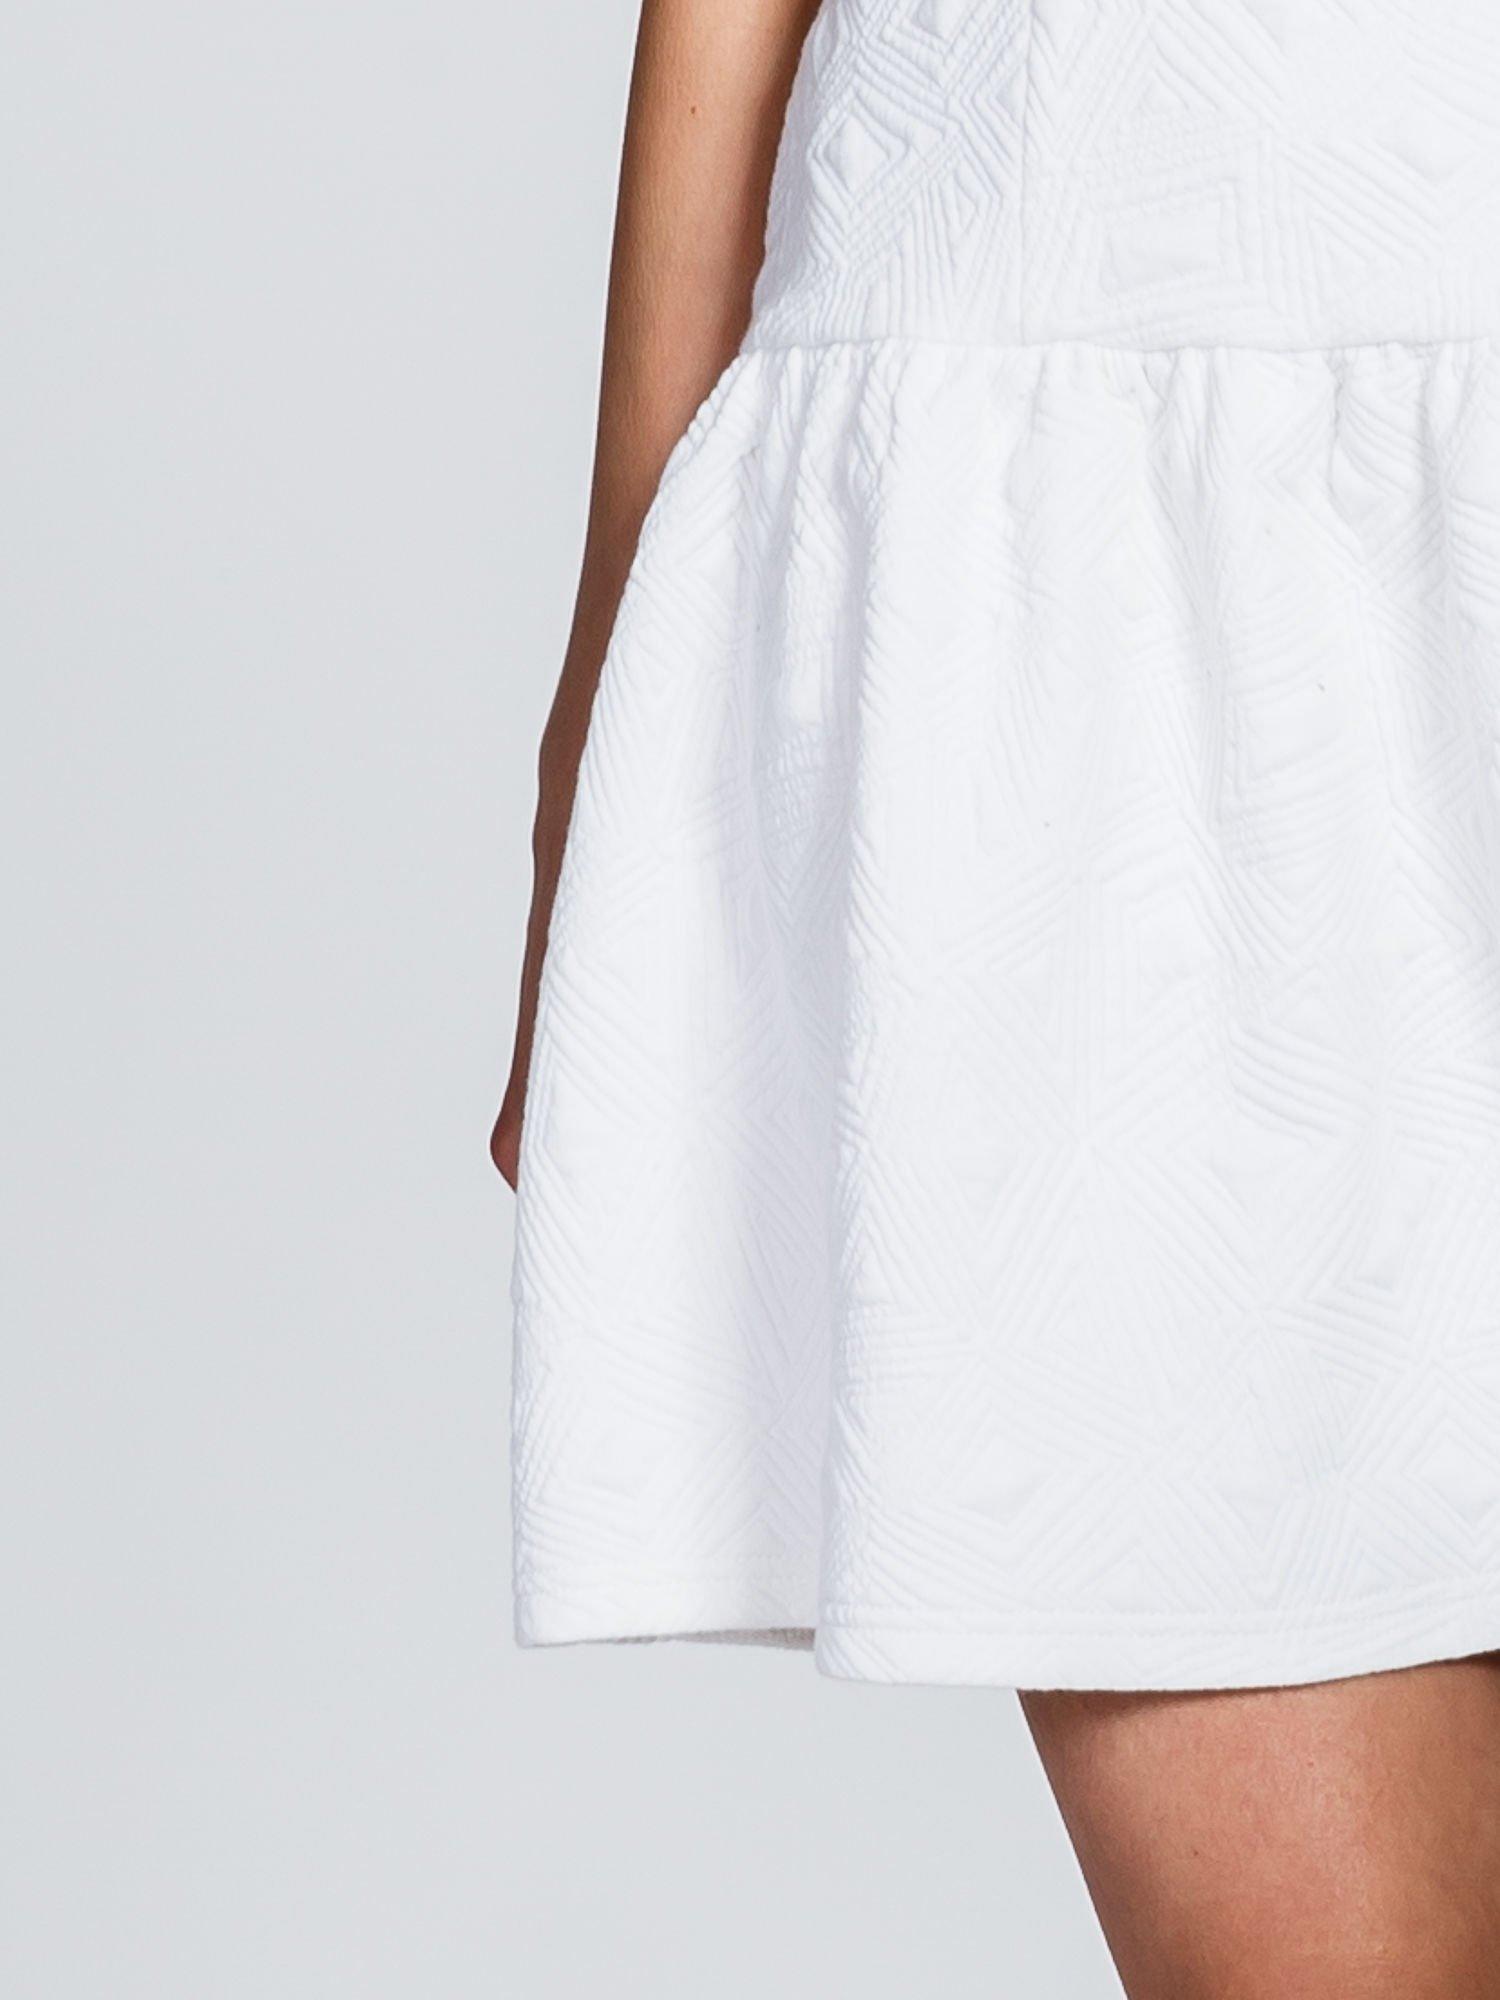 Biała sukienka z falbaną wytłaczana w geometryczny wzór                                  zdj.                                  6